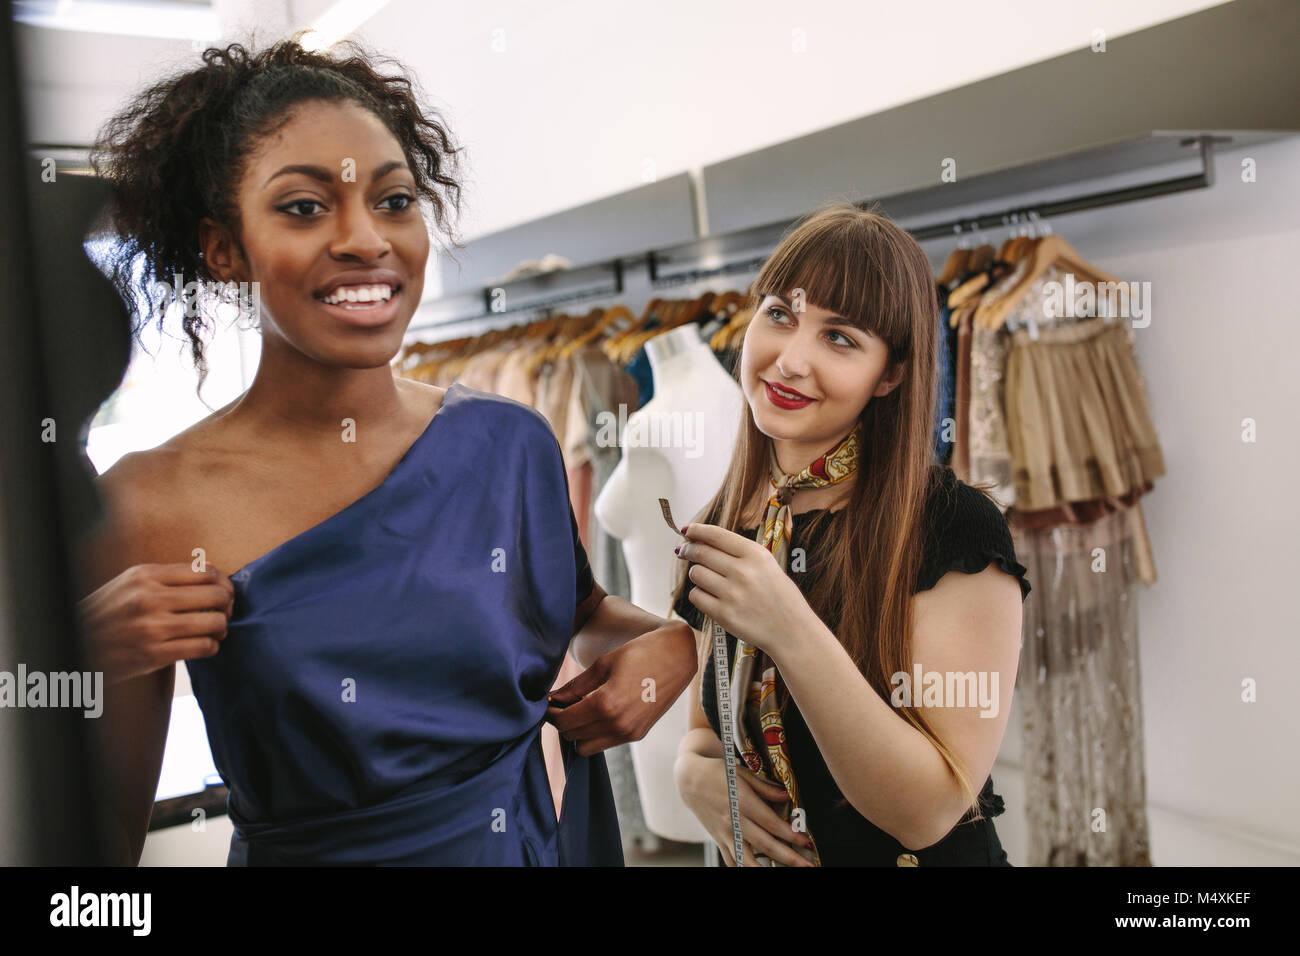 L'essai de nouveaux modèles de vêtements de créateurs dans une boutique. Femme entrepreneur dans Photo Stock